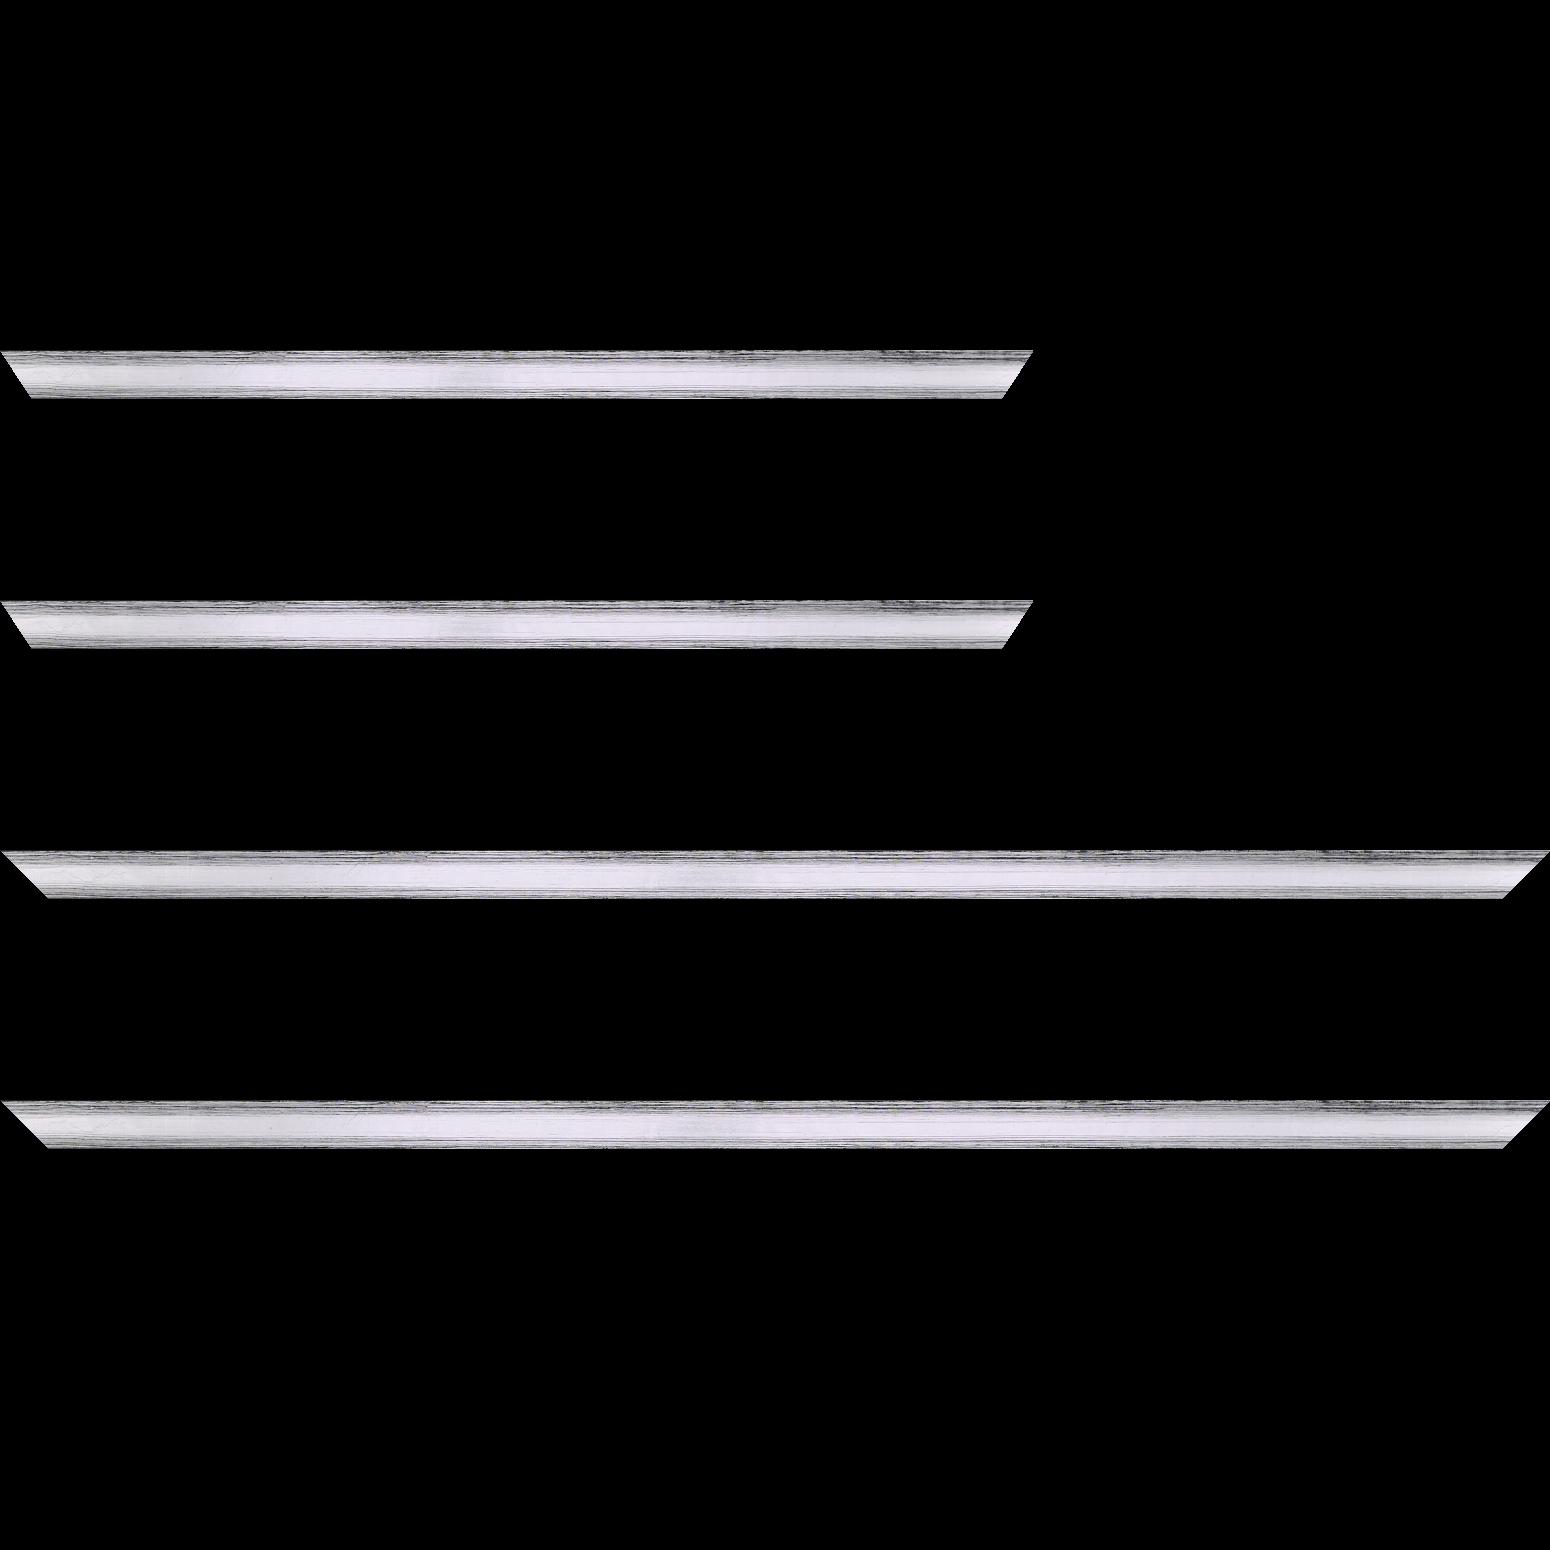 Baguette service précoupé Bois profil plat en pente largeur 1.4cm couleur argent coté extérieur foncé. finition haut de gamme car dorure à l'eau fait main